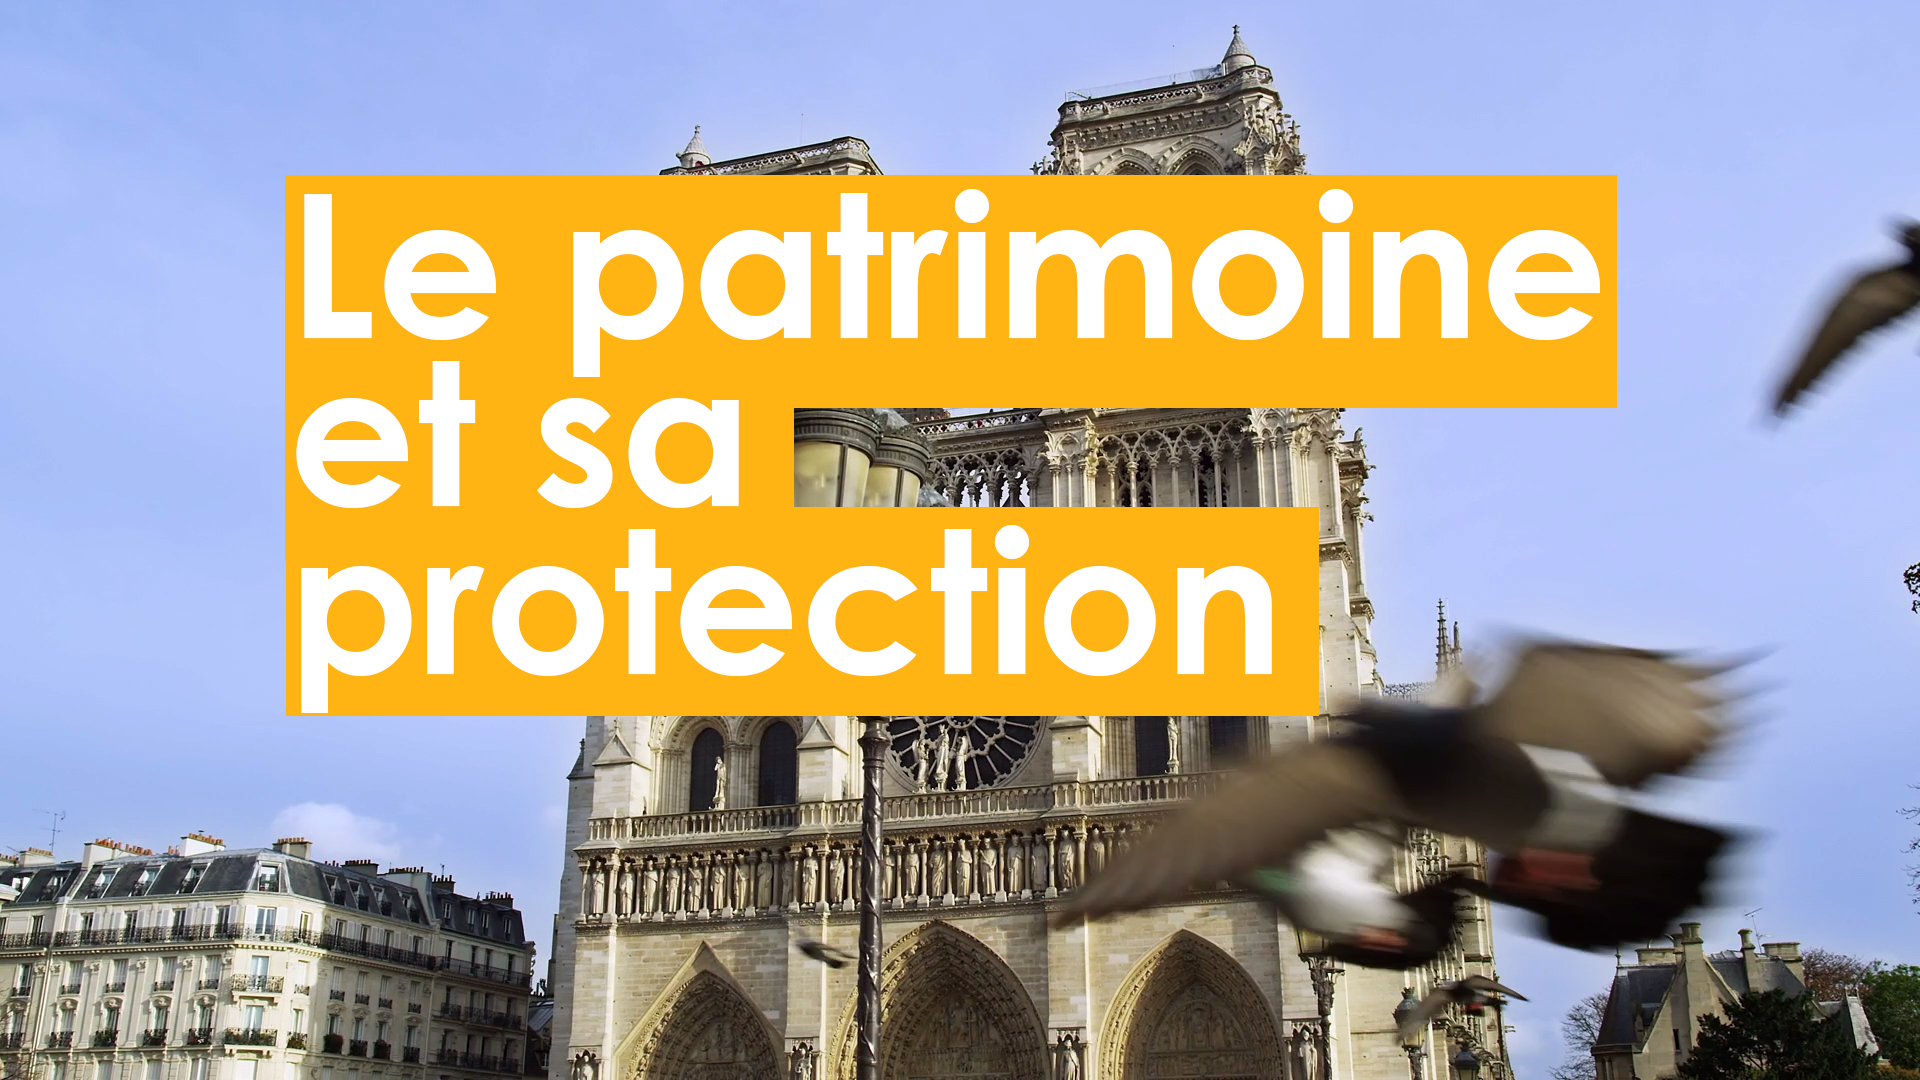 Le patrimoine et sa protection